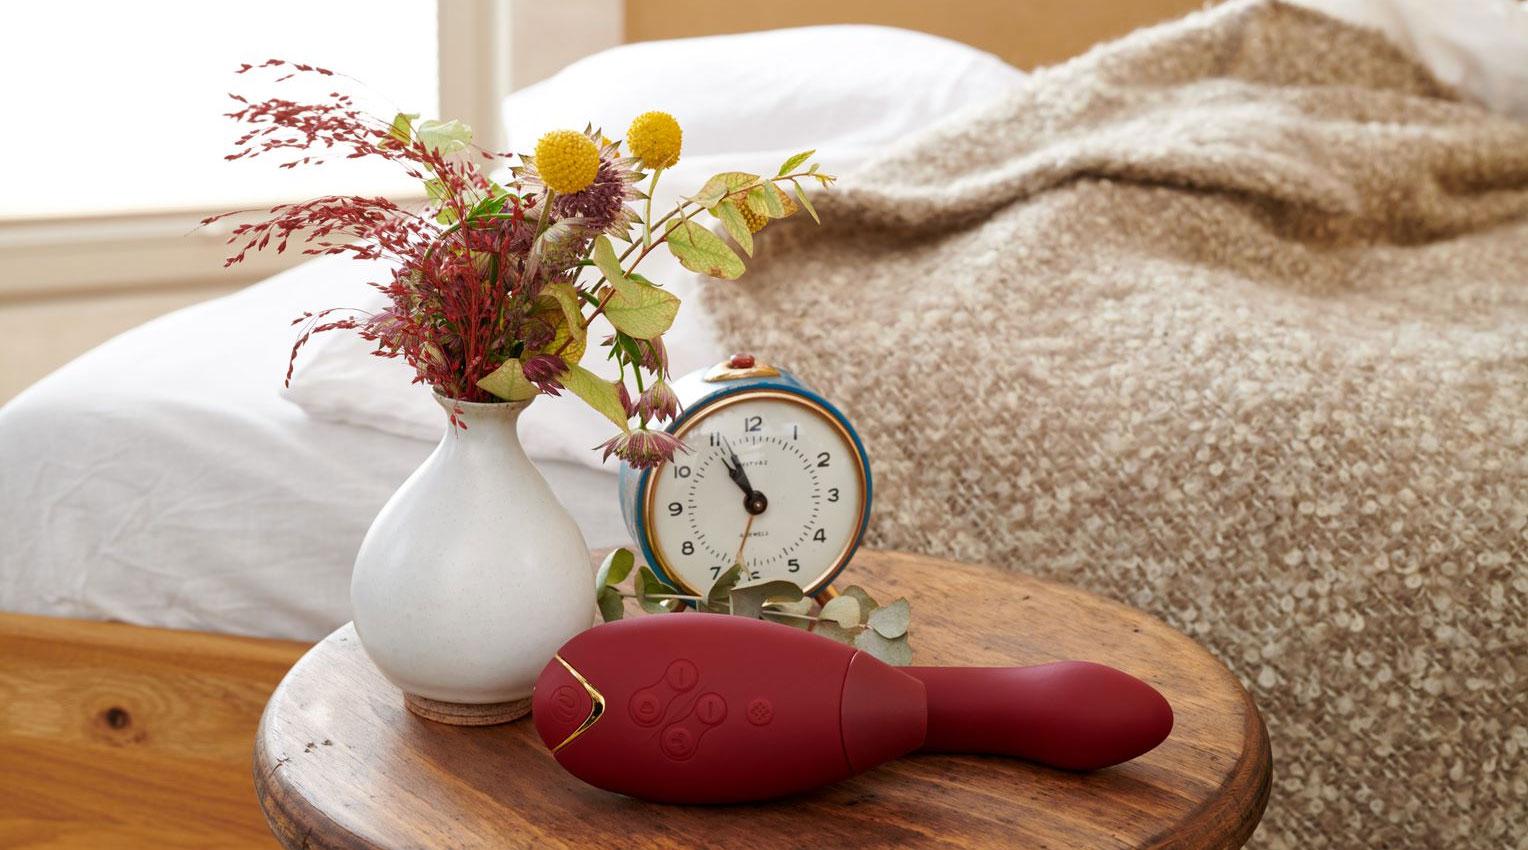 Womanizer DUO Pleasure Air Clitoral Stimulator & G-Spot Vibrator - In The Wild